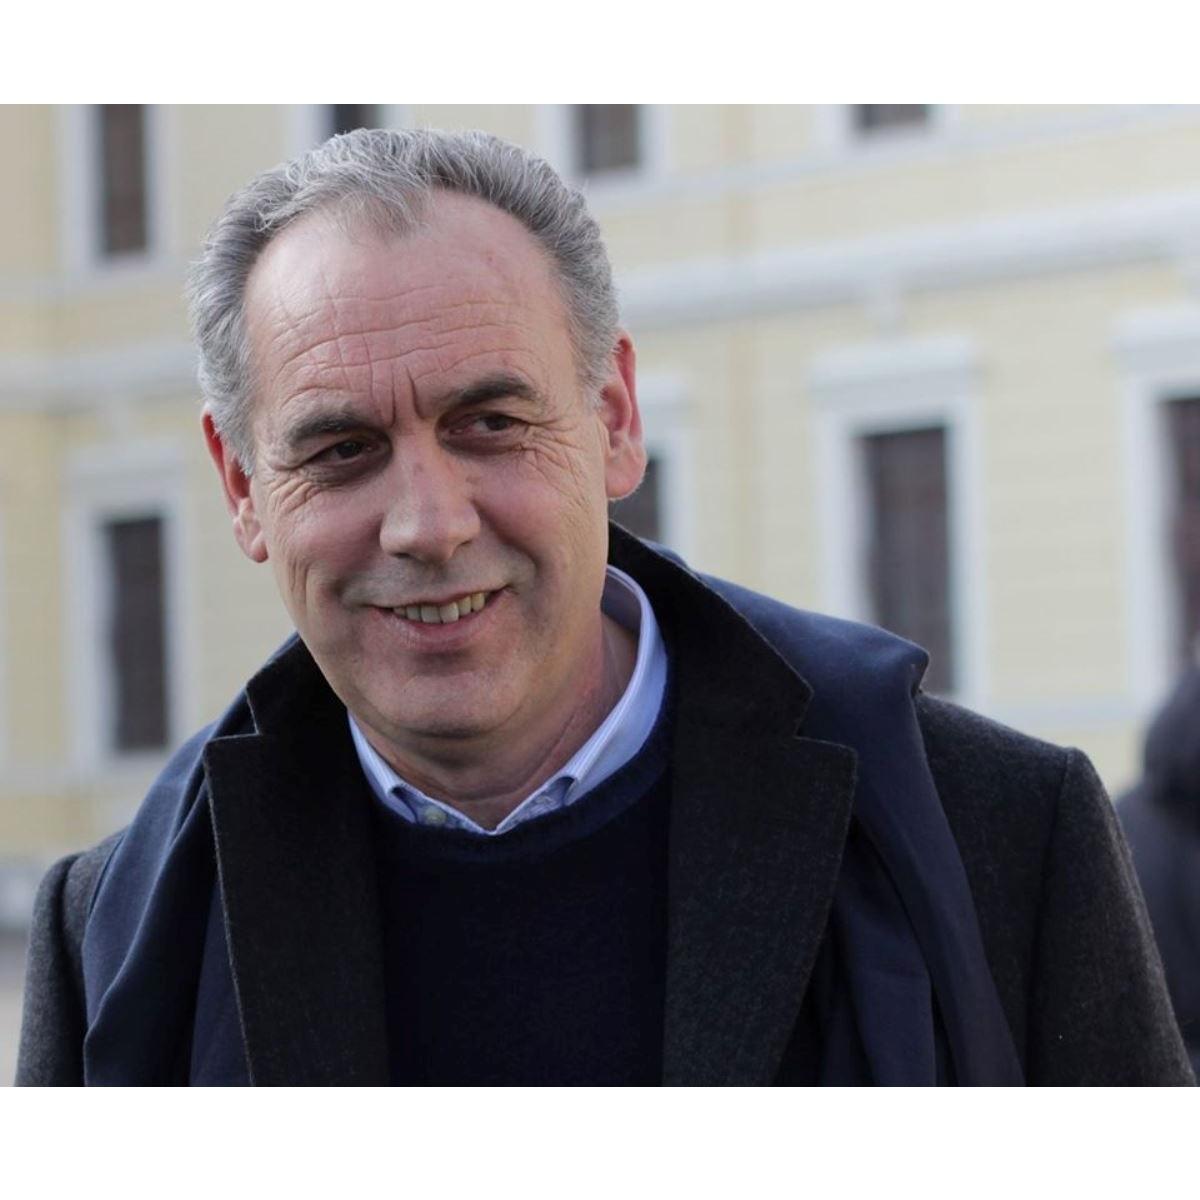 Giovanni Legnini 30 milioni alle imprese del cratere foto